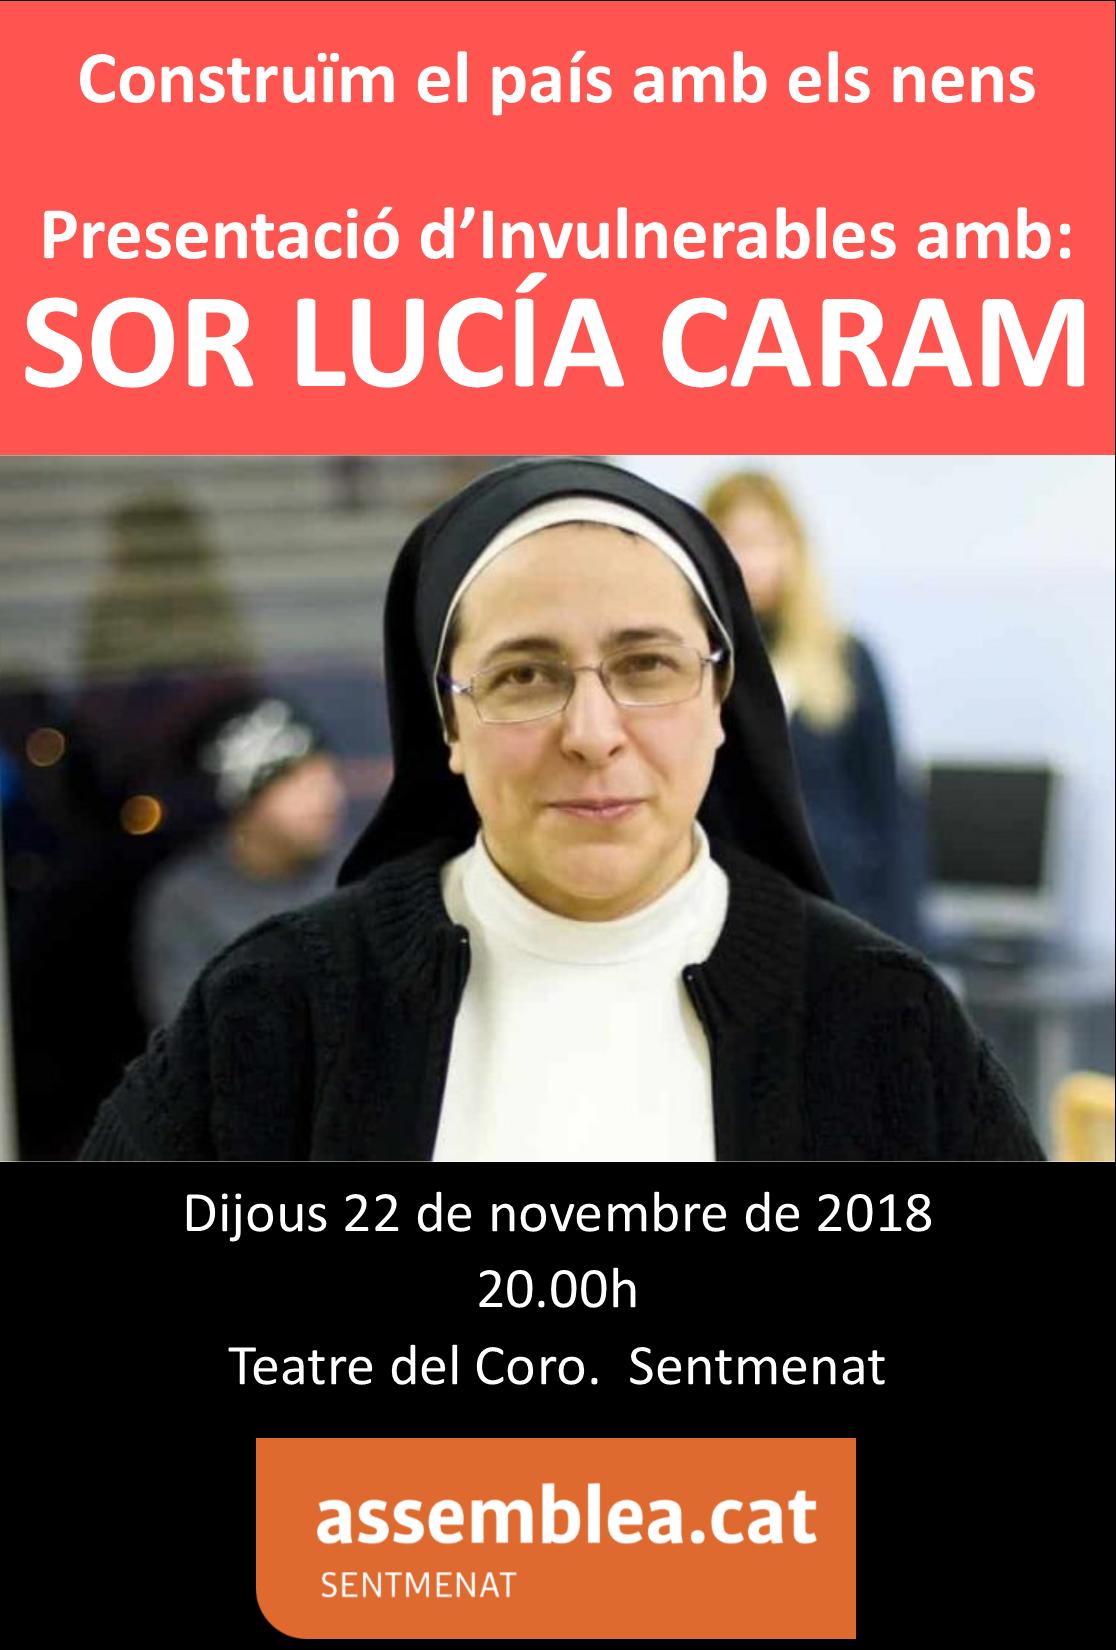 Presentació d'Invulnerables amb sor Lucía Caram